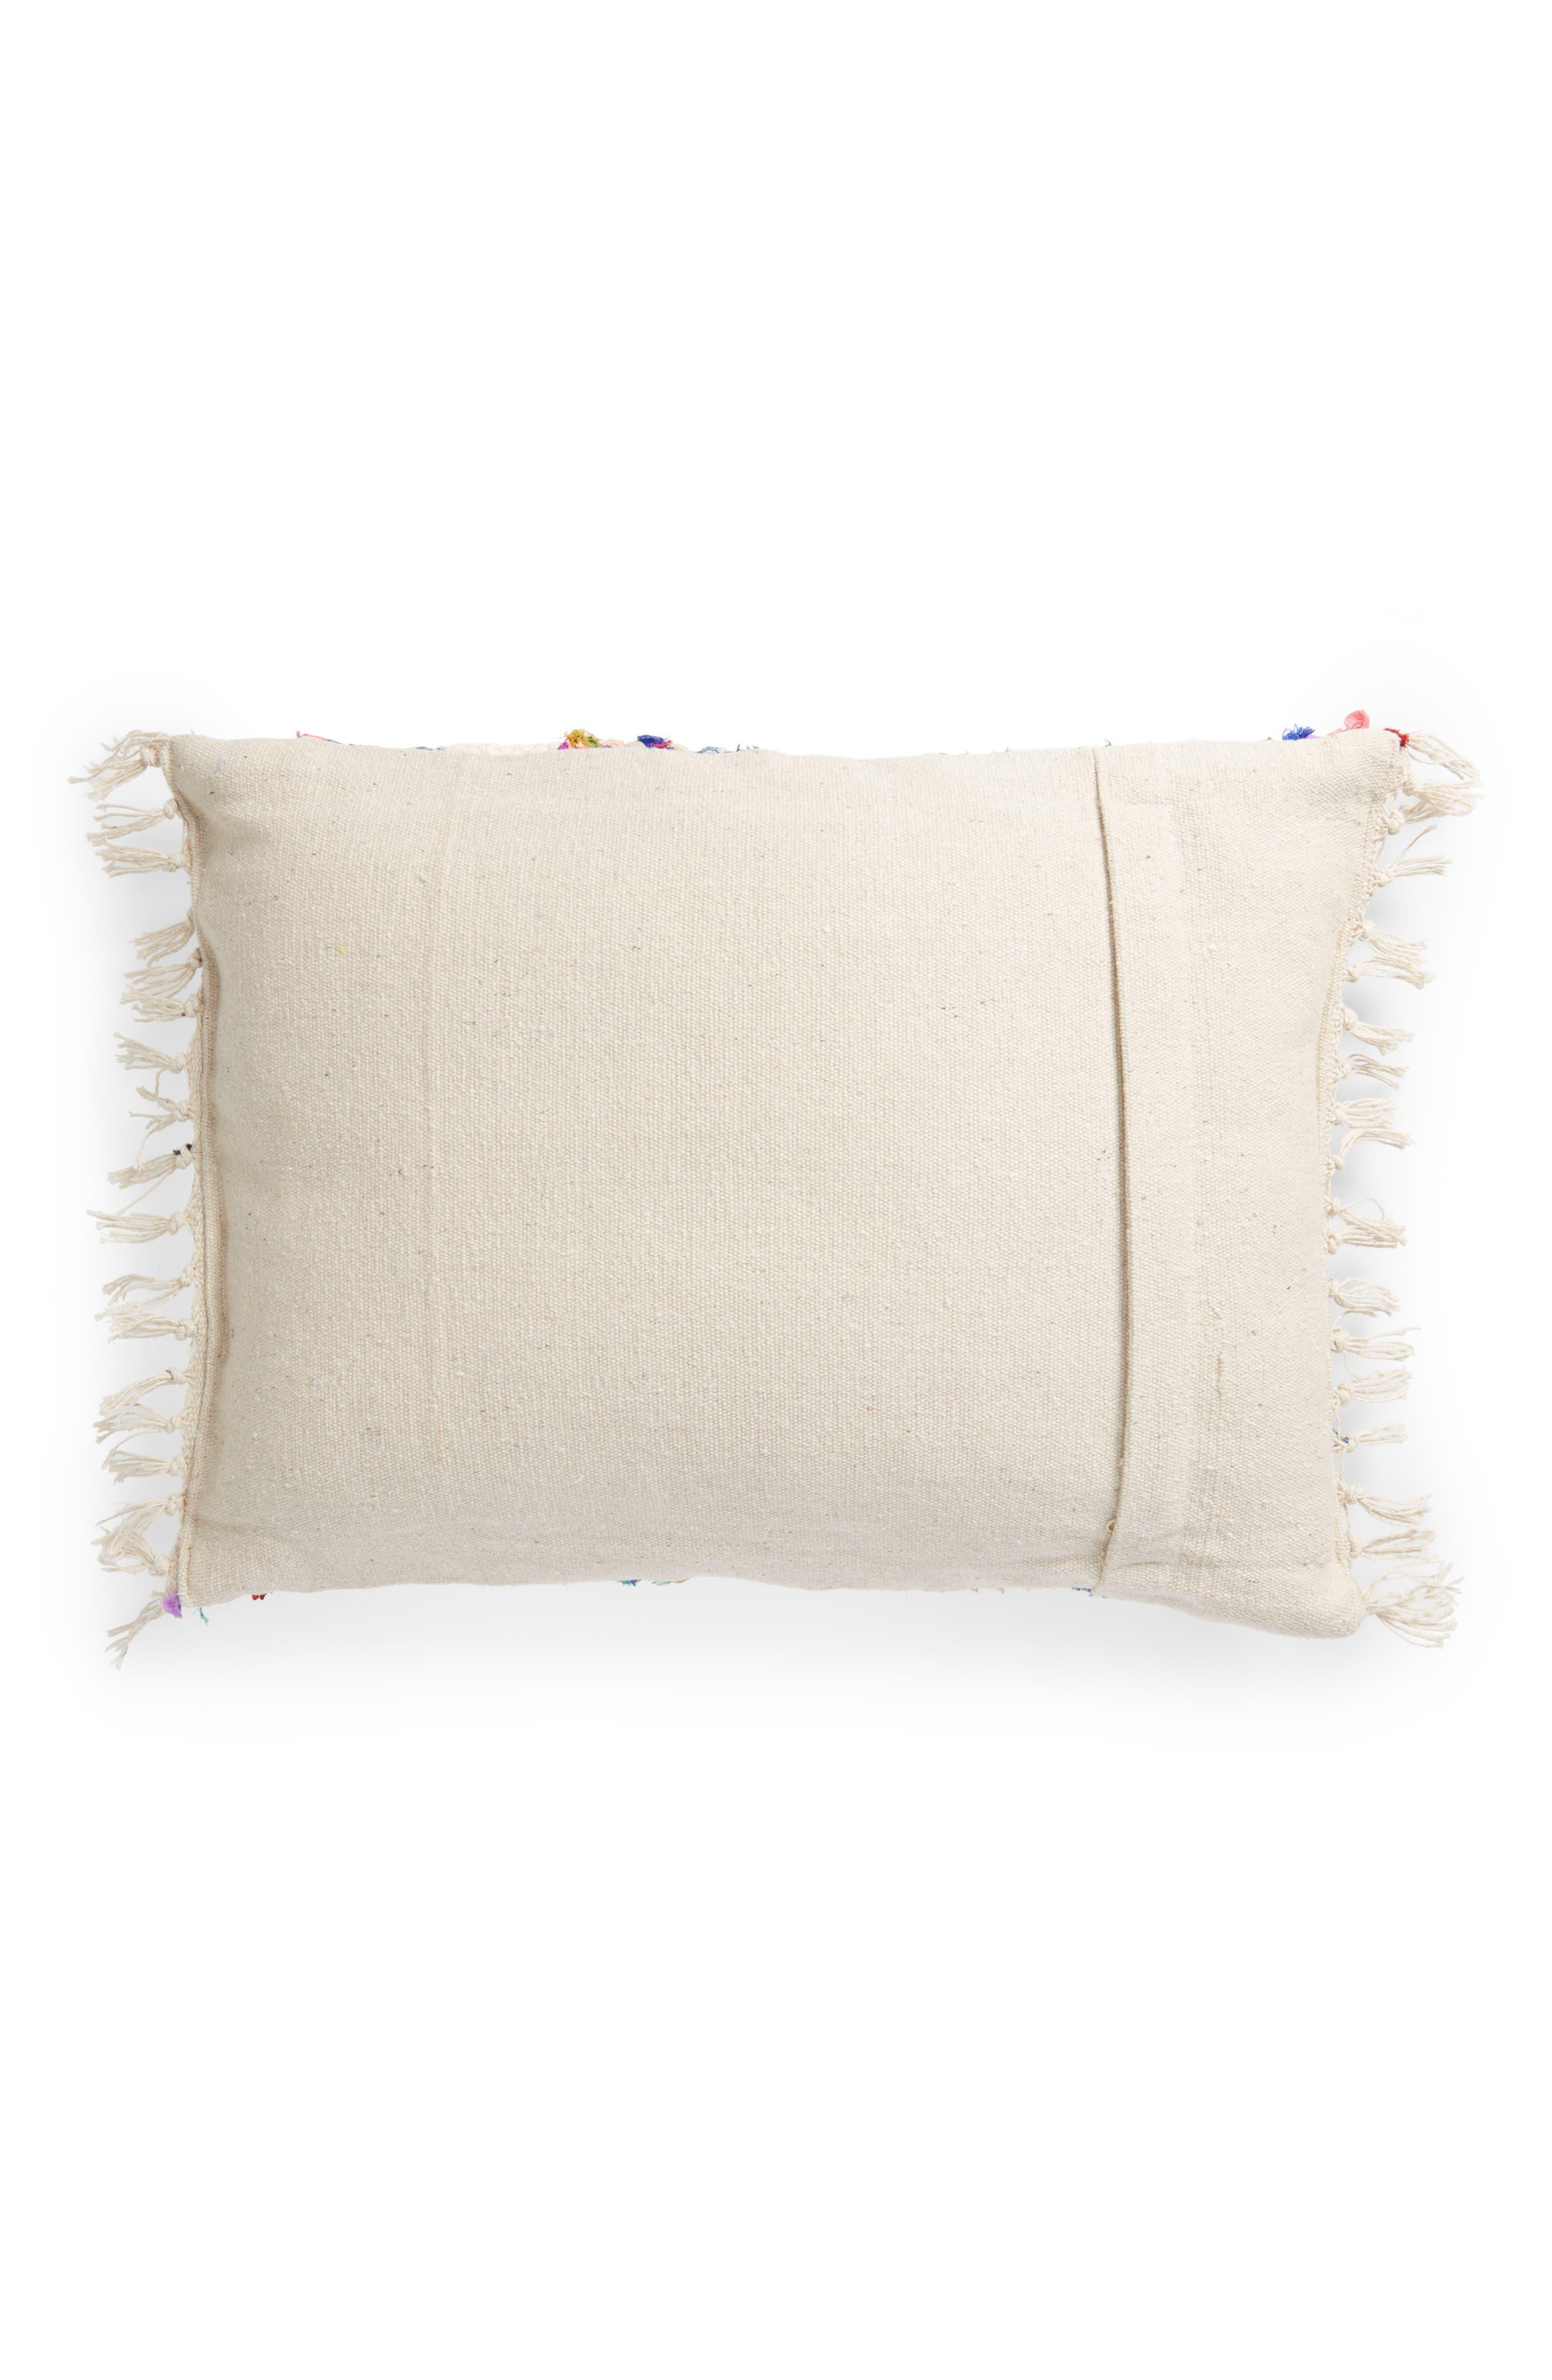 Denim Stripe Accent Pillow,                             Alternate thumbnail 2, color,                             400